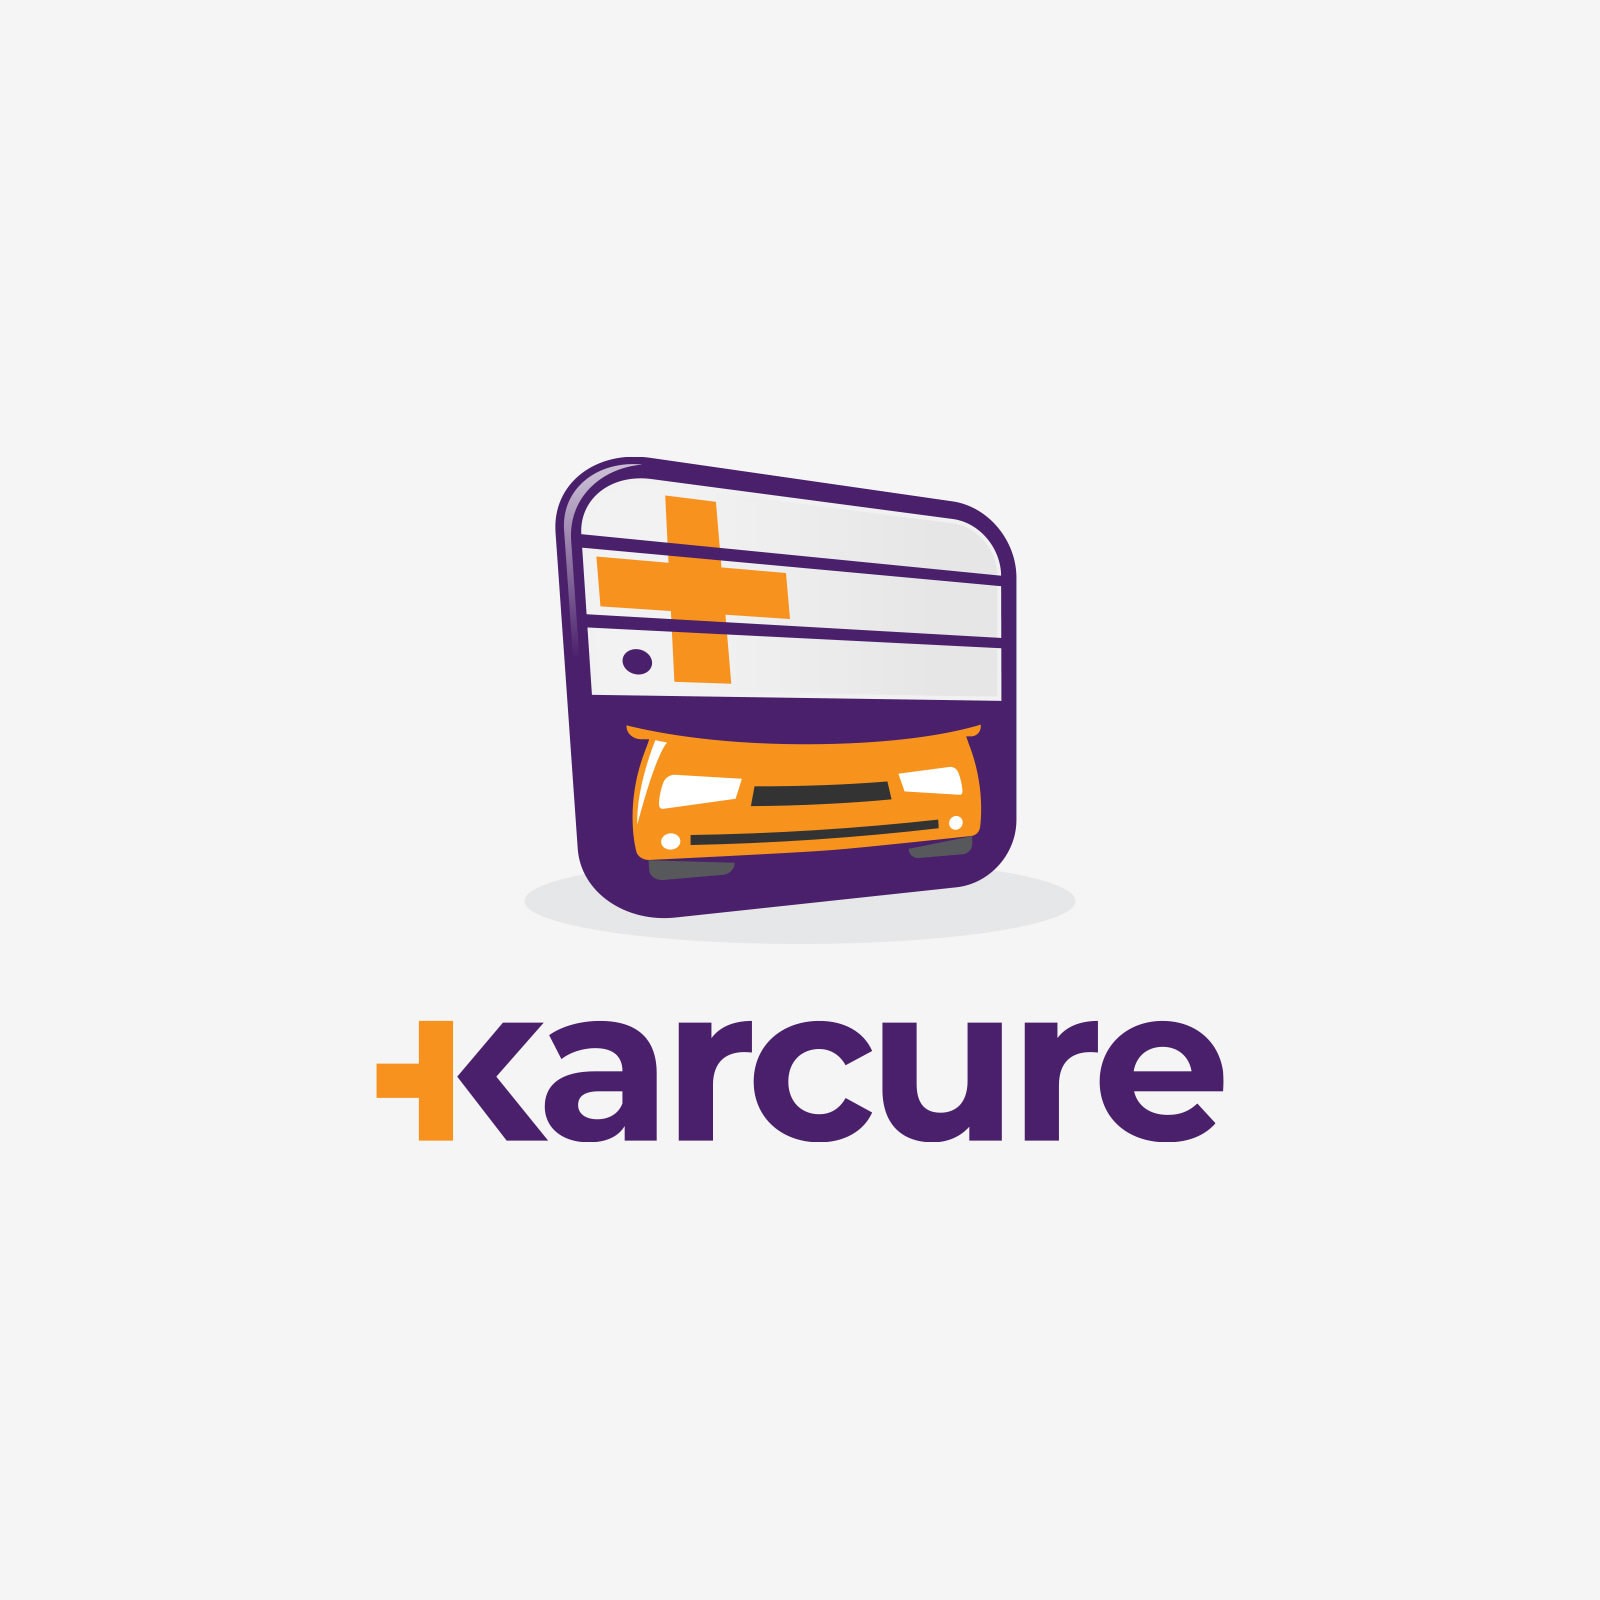 Logo design for karcure